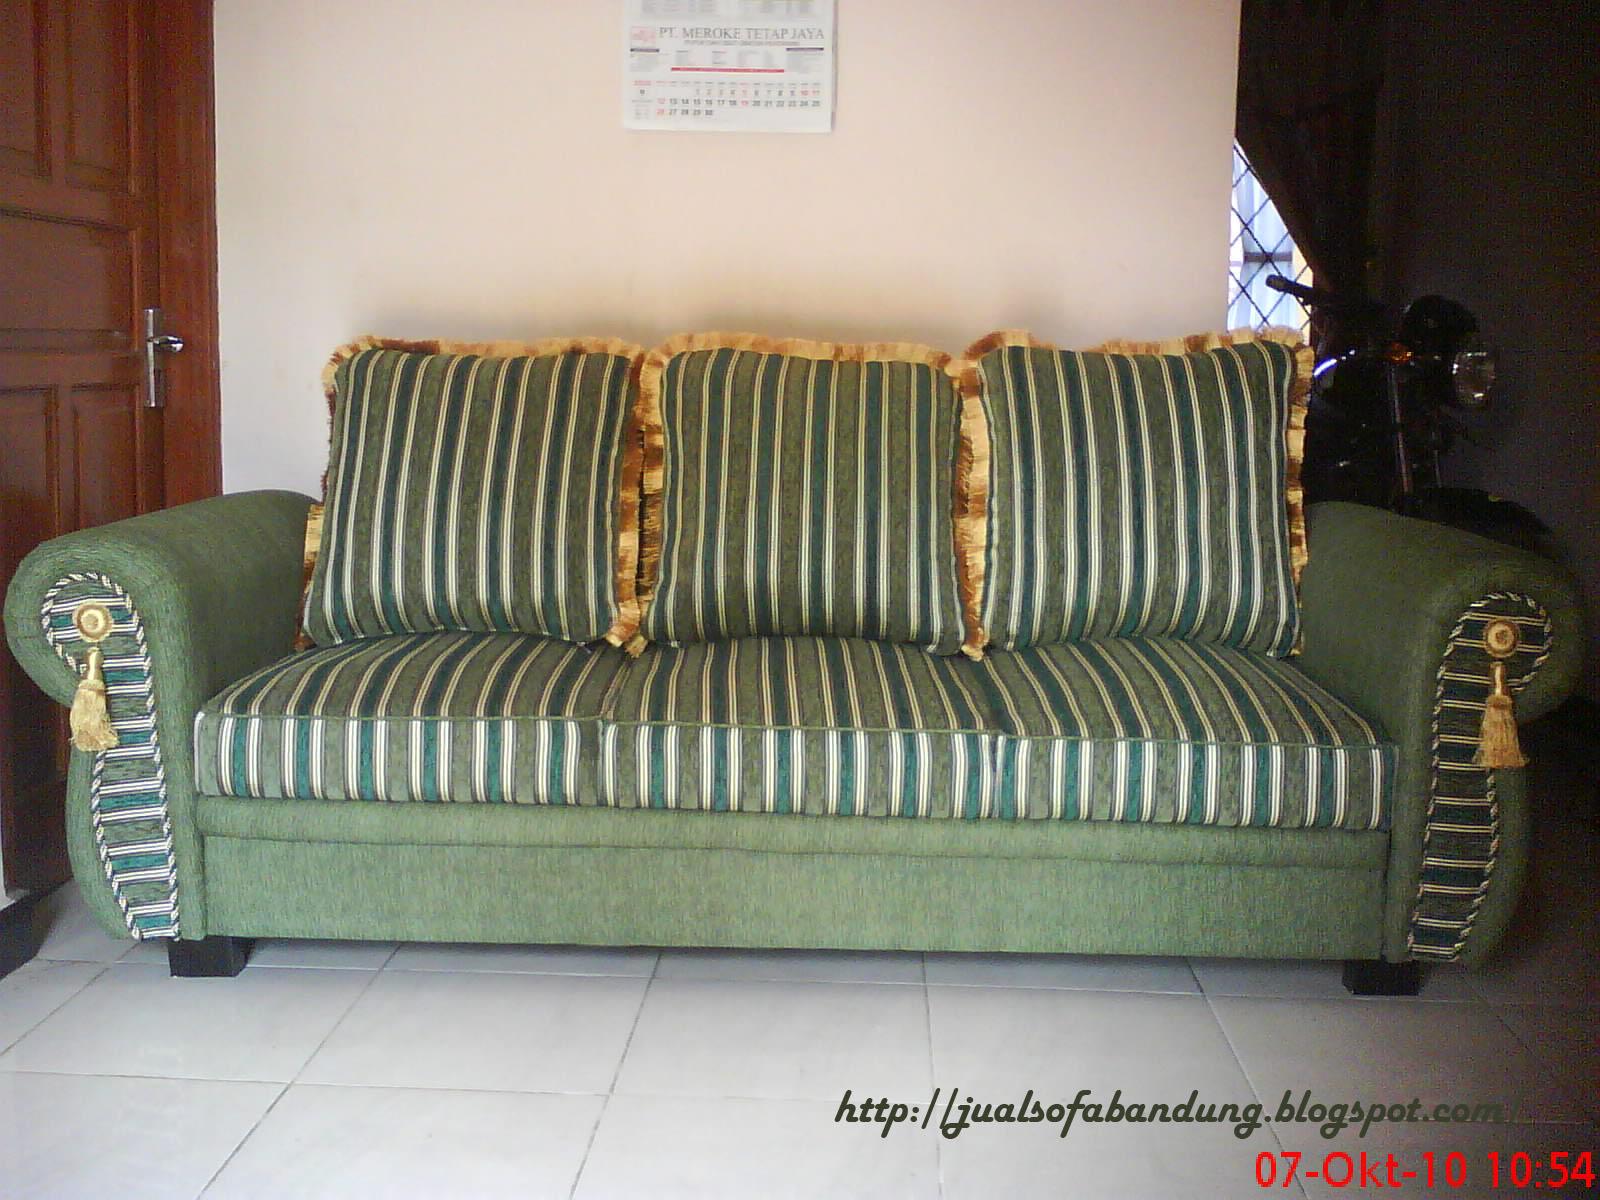 Jual Sofa Murah Di Bogor Informasi Jual Beli